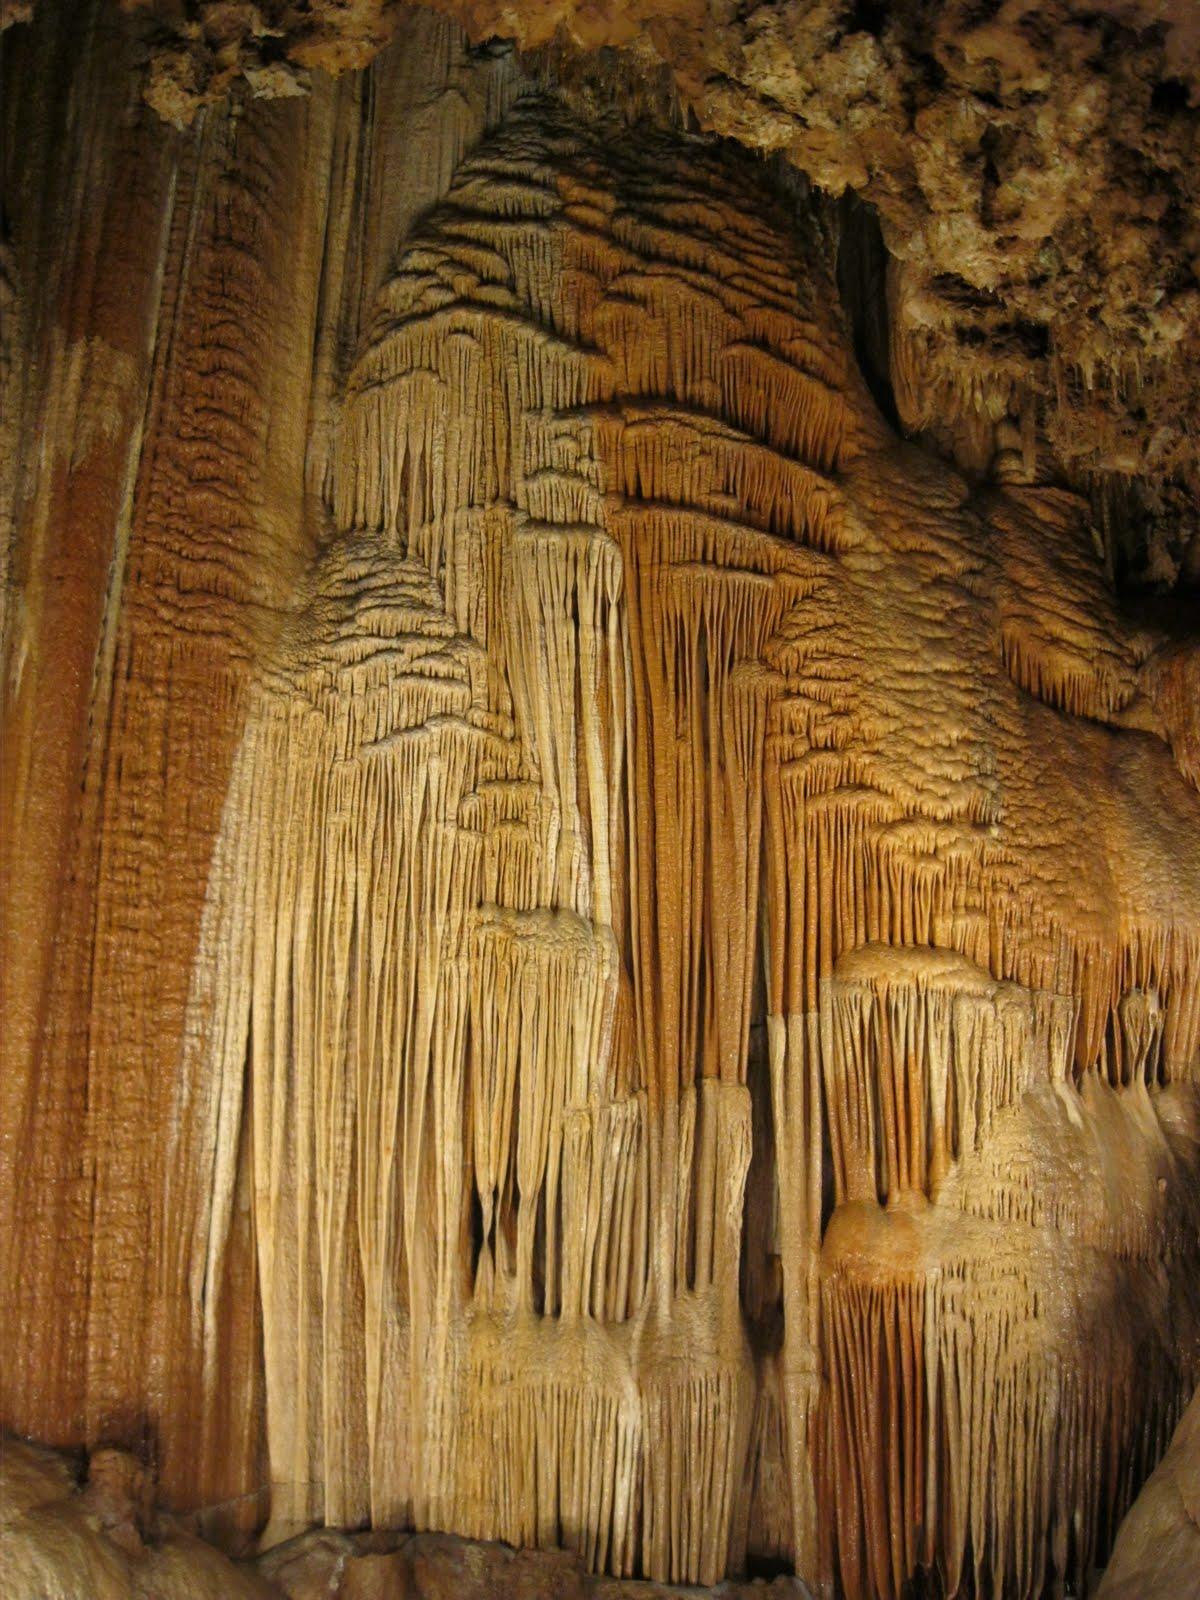 Meramec Caverns Boat Tour